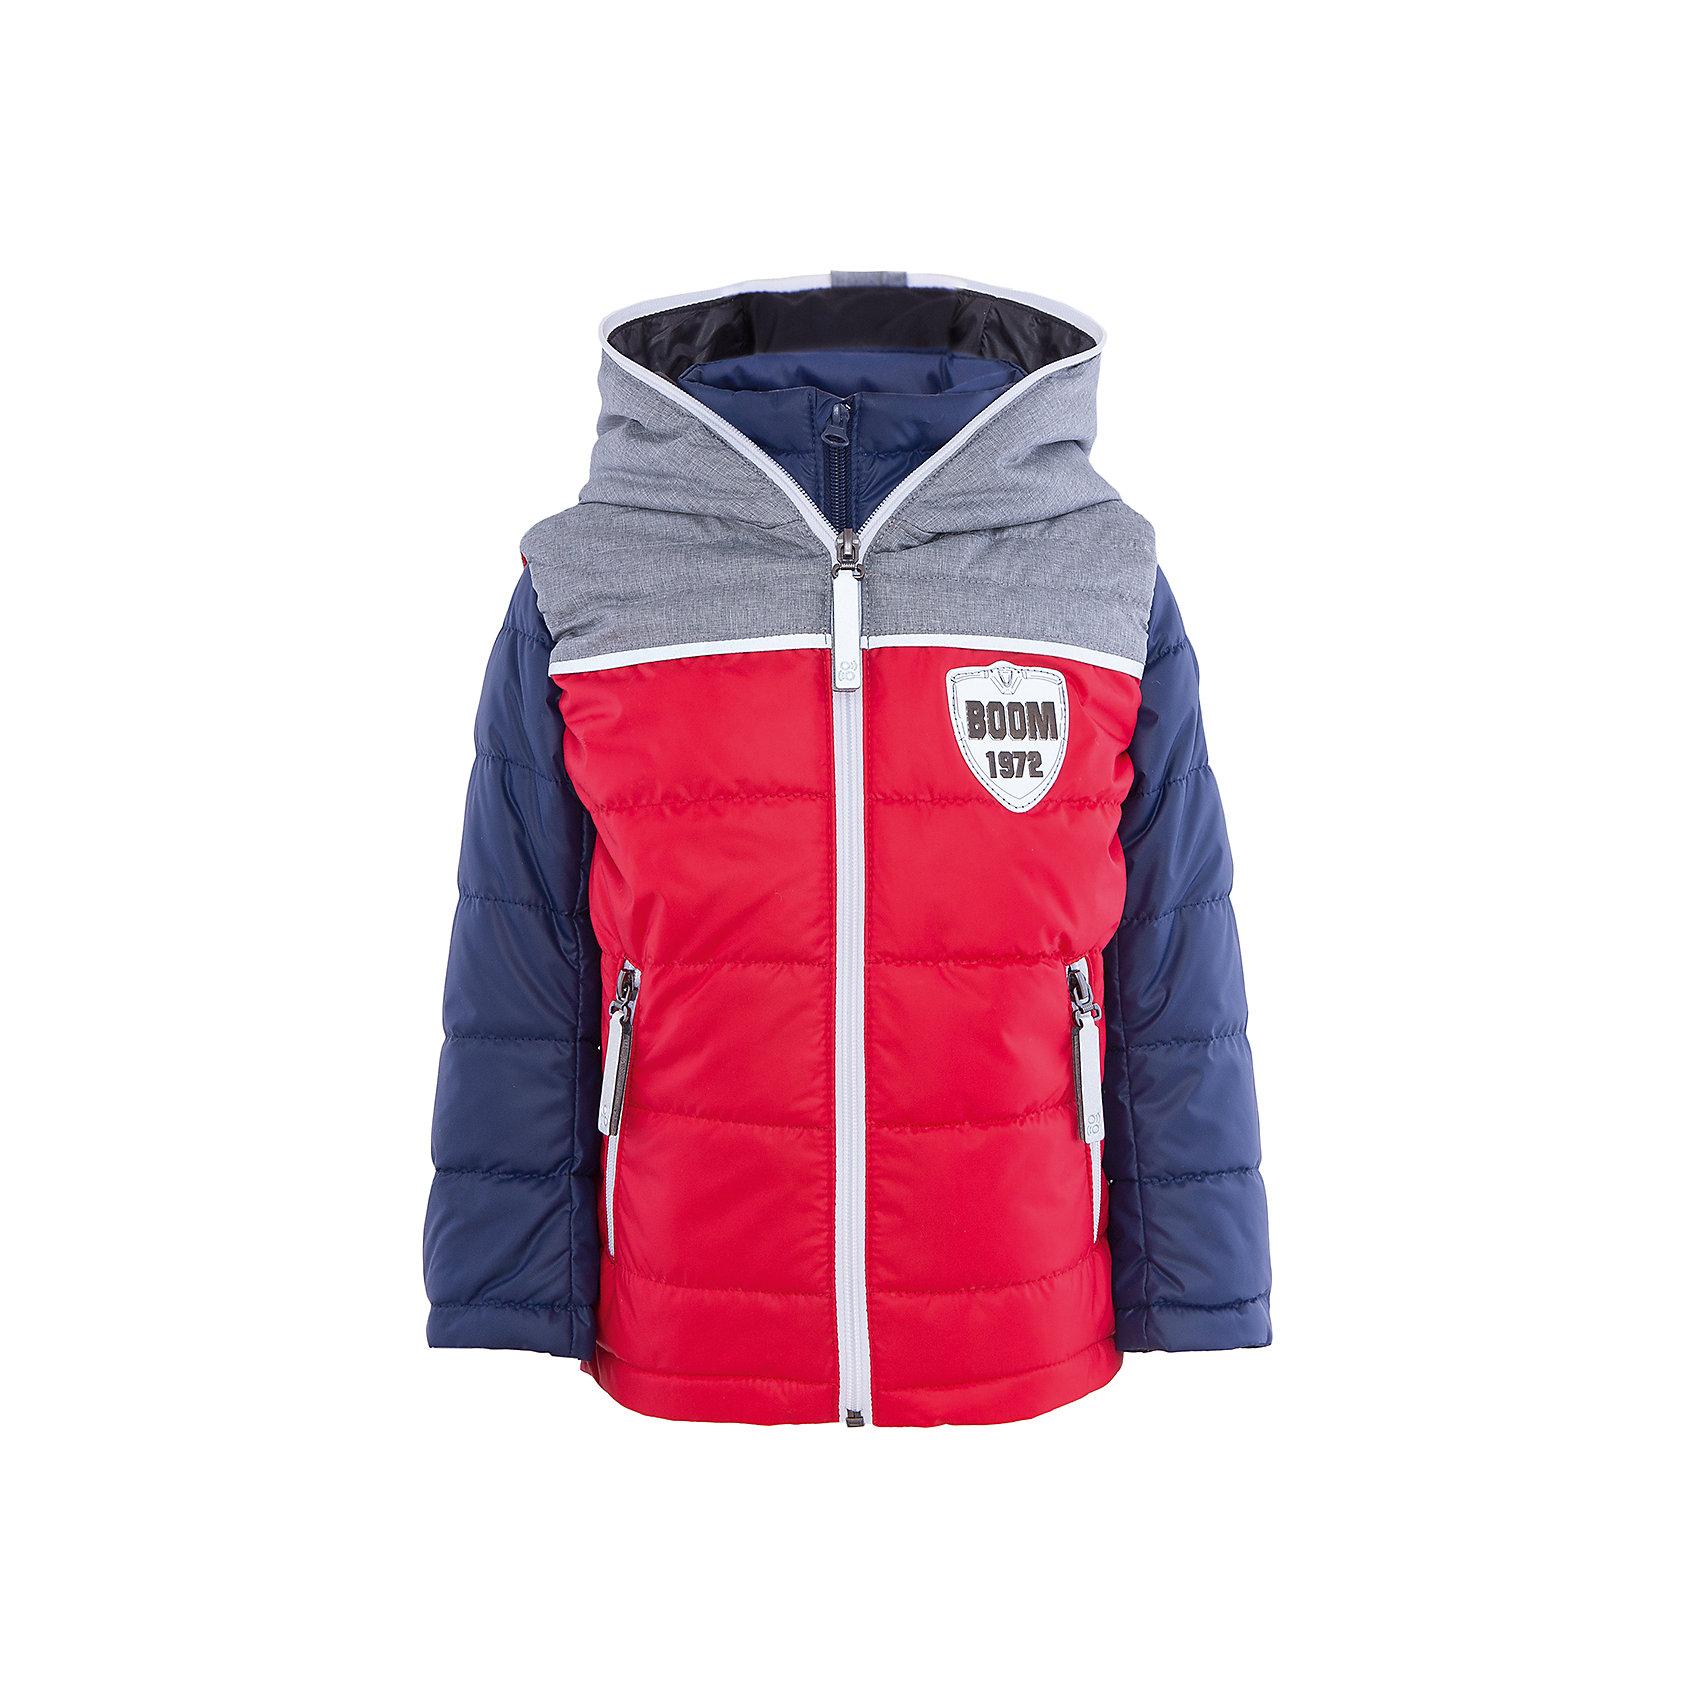 Куртка для мальчика BOOM by OrbyХарактеристики товара:<br><br>• цвет: красный/синий<br>• состав: 100% полиэстер<br>• курточка: верх - болонь, подкладка - поликоттон, полиэстер, утеплитель: Flexy Fiber 100 г/м2<br>• жилет: верх - таффета, подкладка - полиэстер, утеплитель: Flexy Fiber 100 г/м2<br>• комплектация: куртка, жилет<br>• температурный режим: от +15°до +5°С <br>• капюшон (не отстегивается)<br>• воротник-стойка<br>• застежка - молния<br>• модель-трансформер<br>• стеганая<br>• комфортная посадка<br>• страна производства: Российская Федерация<br>• страна бренда: Российская Федерация<br>• коллекция: весна-лето 2017<br><br>Куртка-трансформер с жилетом - универсальный вариант для межсезонья с постоянно меняющейся погодой. Эта модель - модная и удобная одновременно! Изделие отличается стильным ярким дизайном. Куртка хорошо сидит по фигуре, отлично сочетается с различным низом. Вещь была разработана специально для детей.<br><br>Одежда от российского бренда BOOM by Orby уже завоевала популярностью у многих детей и их родителей. Вещи, выпускаемые компанией, качественные, продуманные и очень удобные. Для производства коллекций используются только безопасные для детей материалы. Спешите приобрести модели из новой коллекции Весна-лето 2017! <br><br>Куртку для мальчика от бренда BOOM by Orby можно купить в нашем интернет-магазине.<br><br>Ширина мм: 356<br>Глубина мм: 10<br>Высота мм: 245<br>Вес г: 519<br>Цвет: синий<br>Возраст от месяцев: 144<br>Возраст до месяцев: 156<br>Пол: Мужской<br>Возраст: Детский<br>Размер: 158,146,98,116,122,104,128,110,134,140,152<br>SKU: 5343466